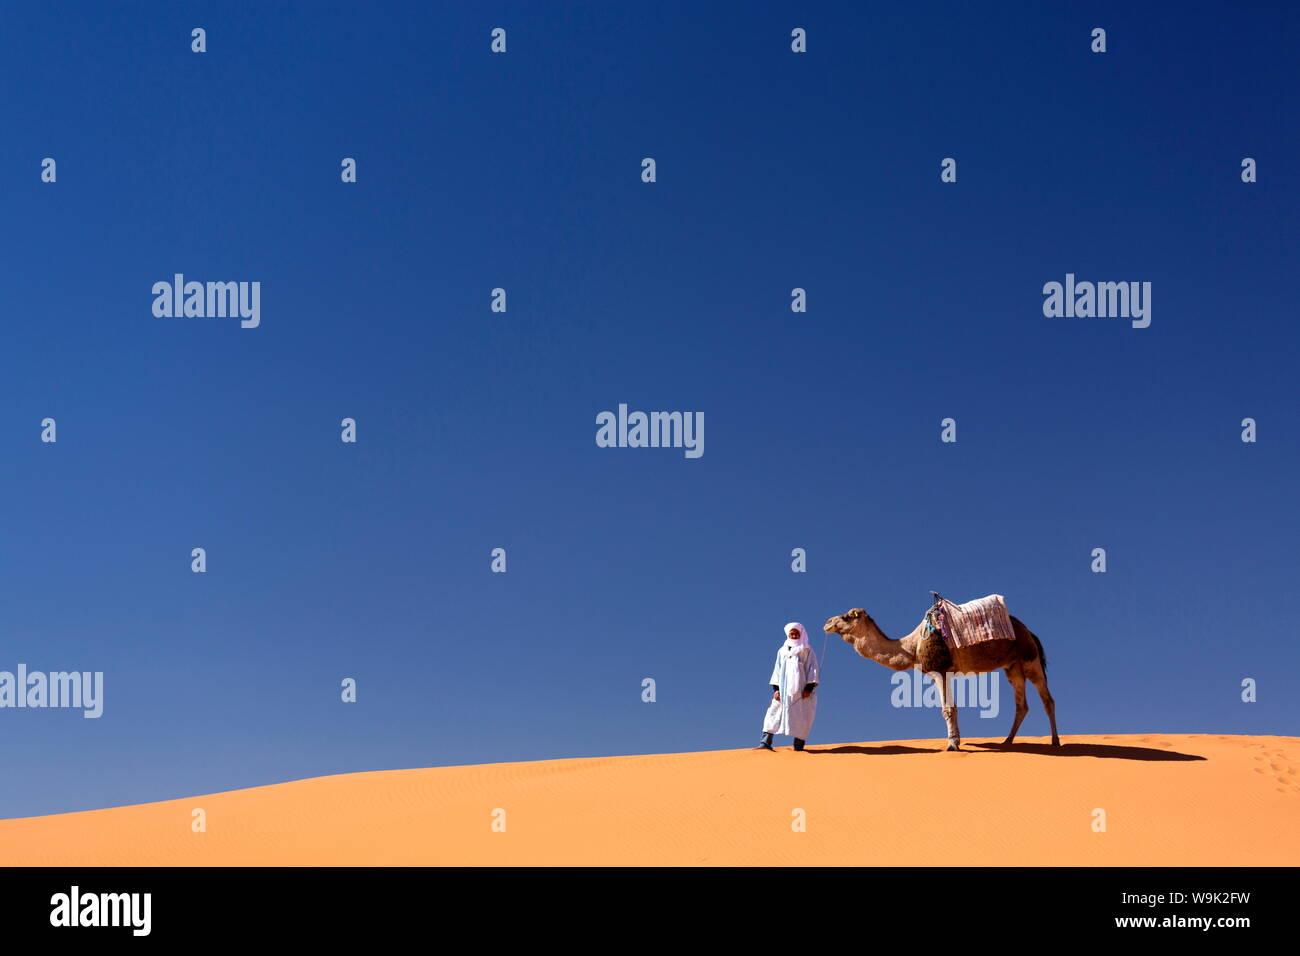 Berber l uomo con il cammello sul crinale di un arancione dune di sabbia di Erg Chebbi mare di sabbia, Sahara Deserto vicino a Merzouga, Marocco, Africa Settentrionale, Africa Foto Stock